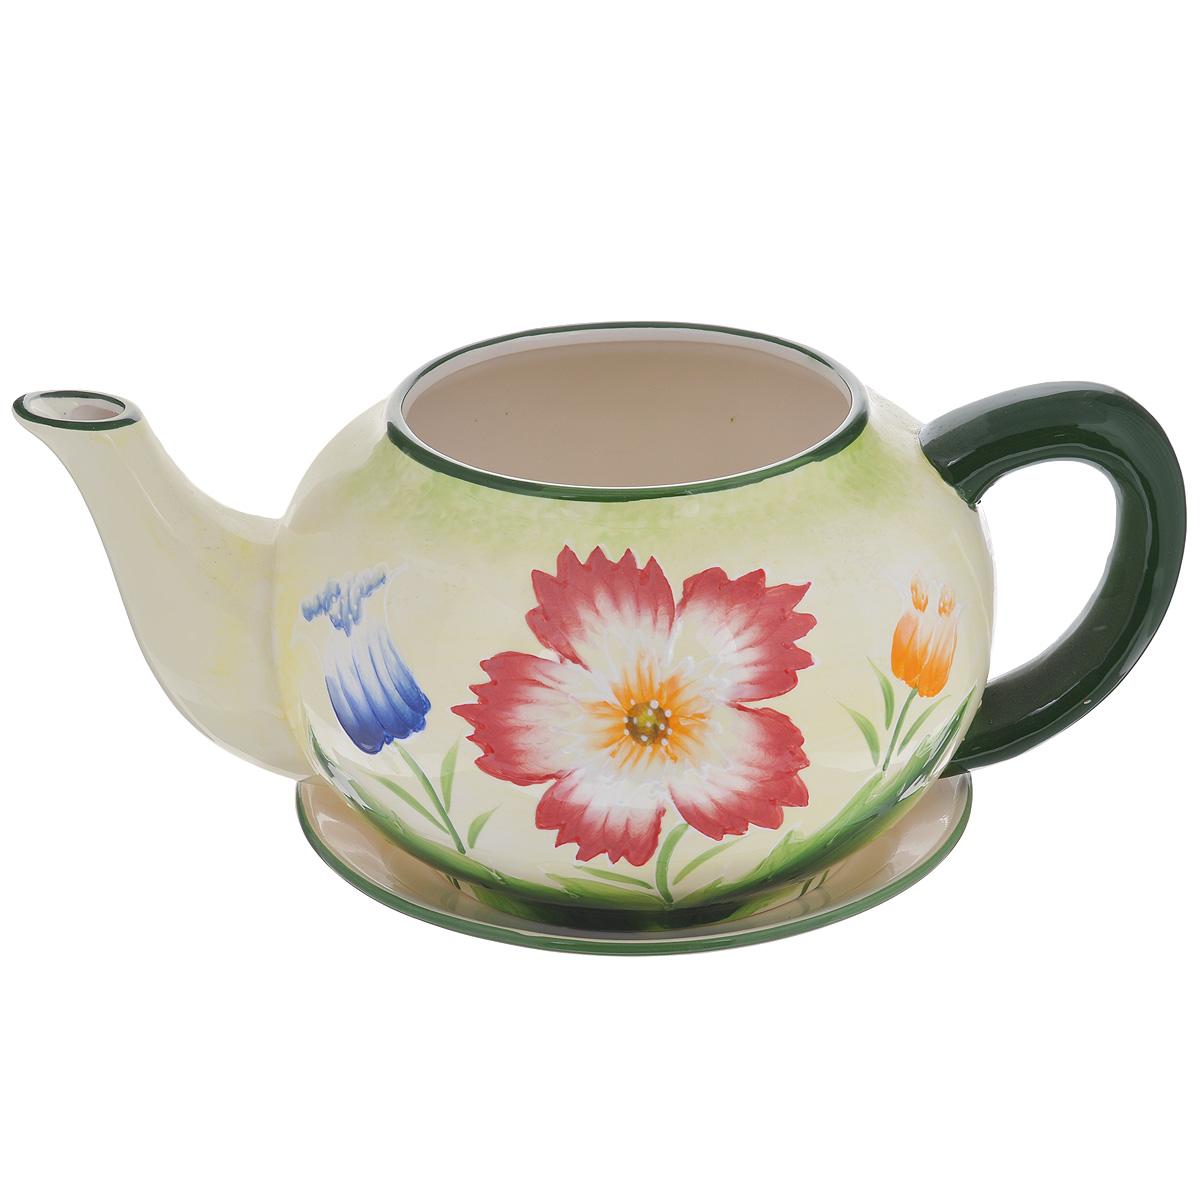 Кашпо Lillo Полевые цветы, с поддономXY10S012FКашпо-горшок для цветов Lillo Полевые цветы выполнен из прочной керамики в виде заварочного чайника с блюдцем. Изделие предназначено для цветов.Такие изделия часто становятся последним штрихом, который совершенно изменяет интерьер помещения или ландшафтный дизайн сада. Благодаря такому кашпо вы сможете украсить вашу комнату, офис, сад и другие места. Изделие оснащено специальным поддоном - блюдцем.Диаметр кашпо по верхнему краю: 14,5 см.Высота кашпо (без учета поддона): 16 см.Диаметр поддона: 23 см.